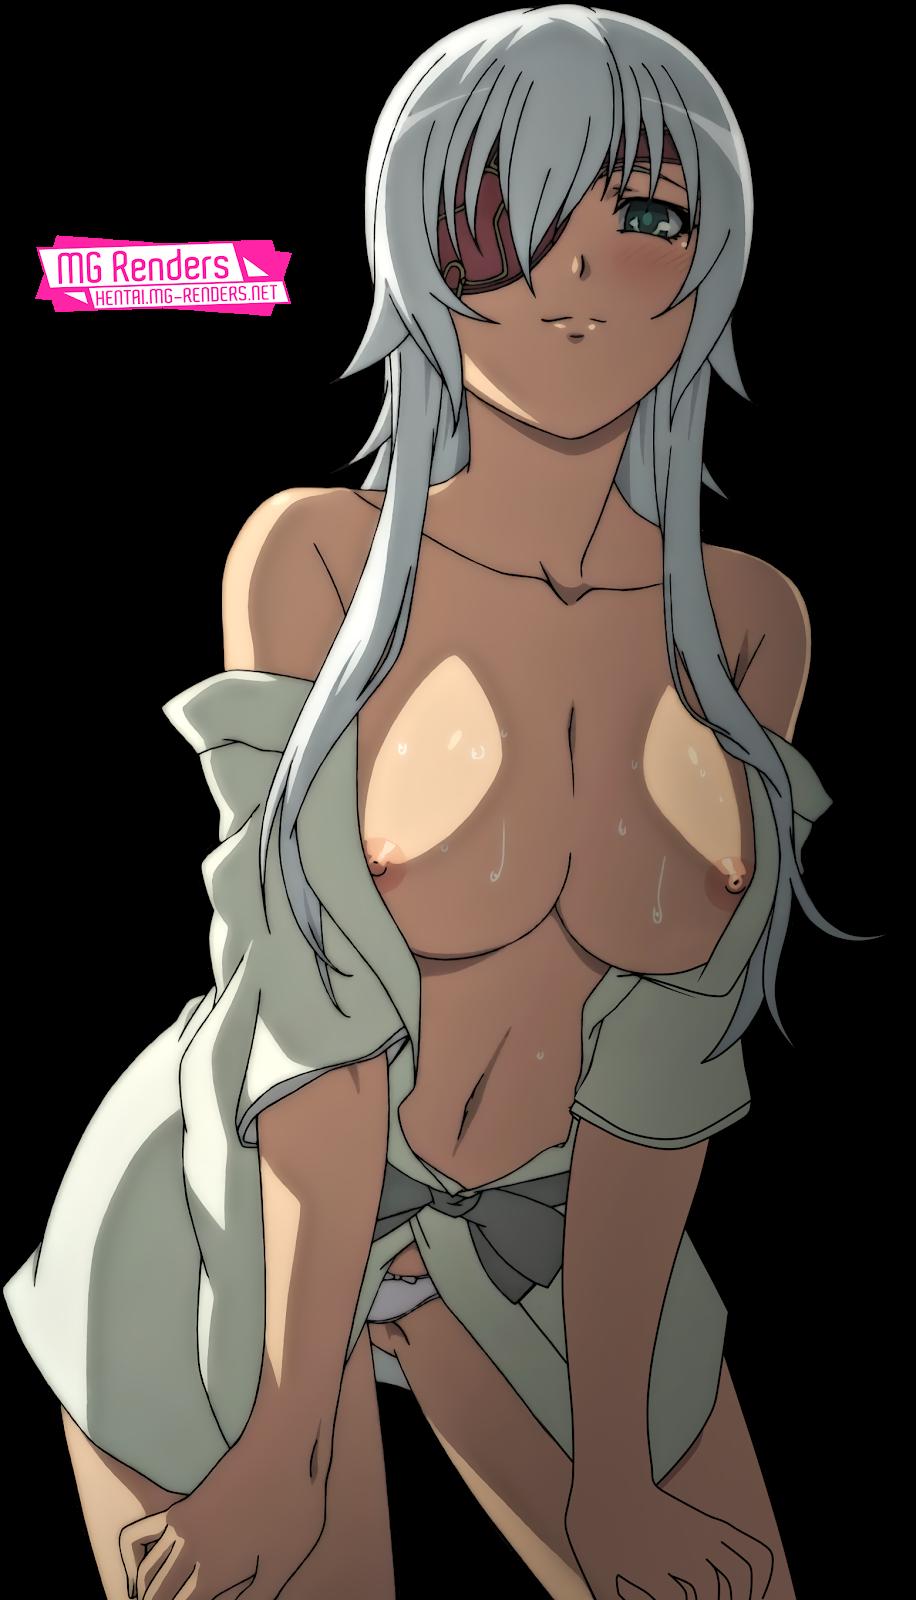 Tags: Anime, Render,  Dark skin,  Hyakka Ryouran Samurai Girls,  Nipples,  No bra,  Pantsu,  Yagyuu Gisen, PNG, Image, Picture